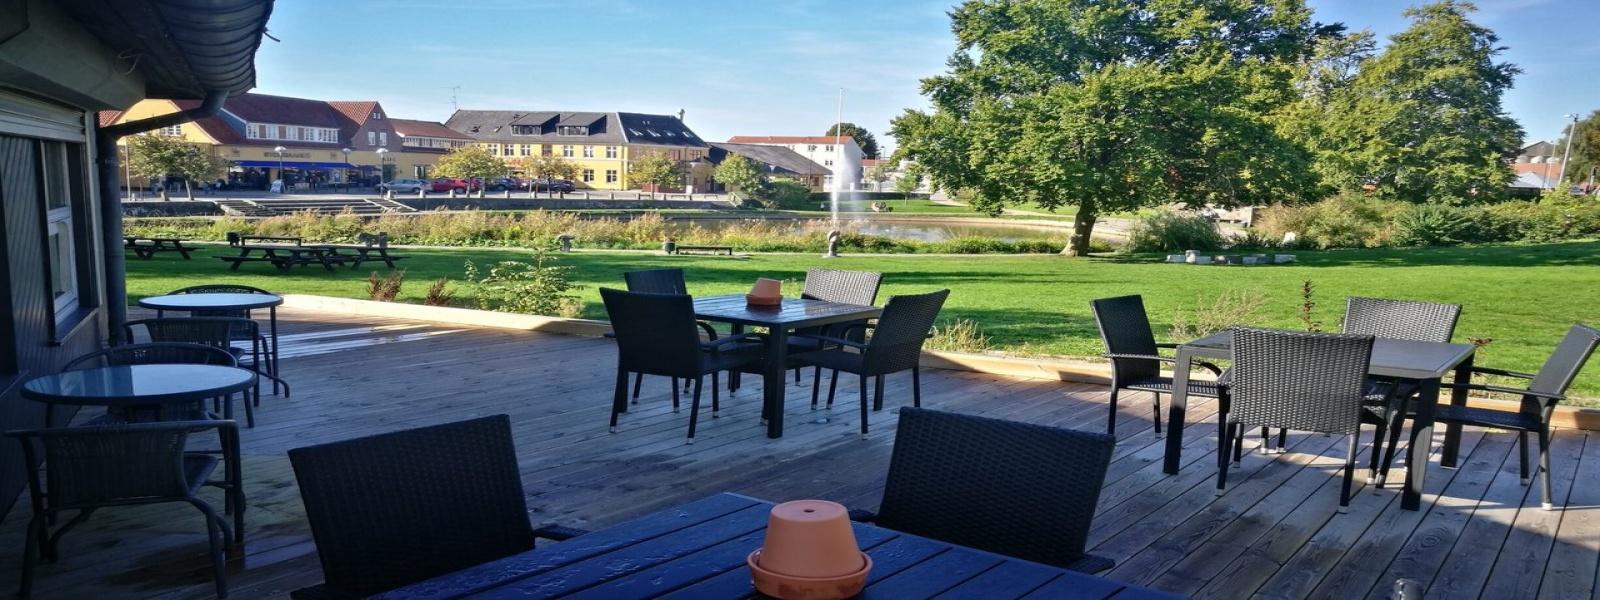 Restauration, pub og cafe,Solgt,1186